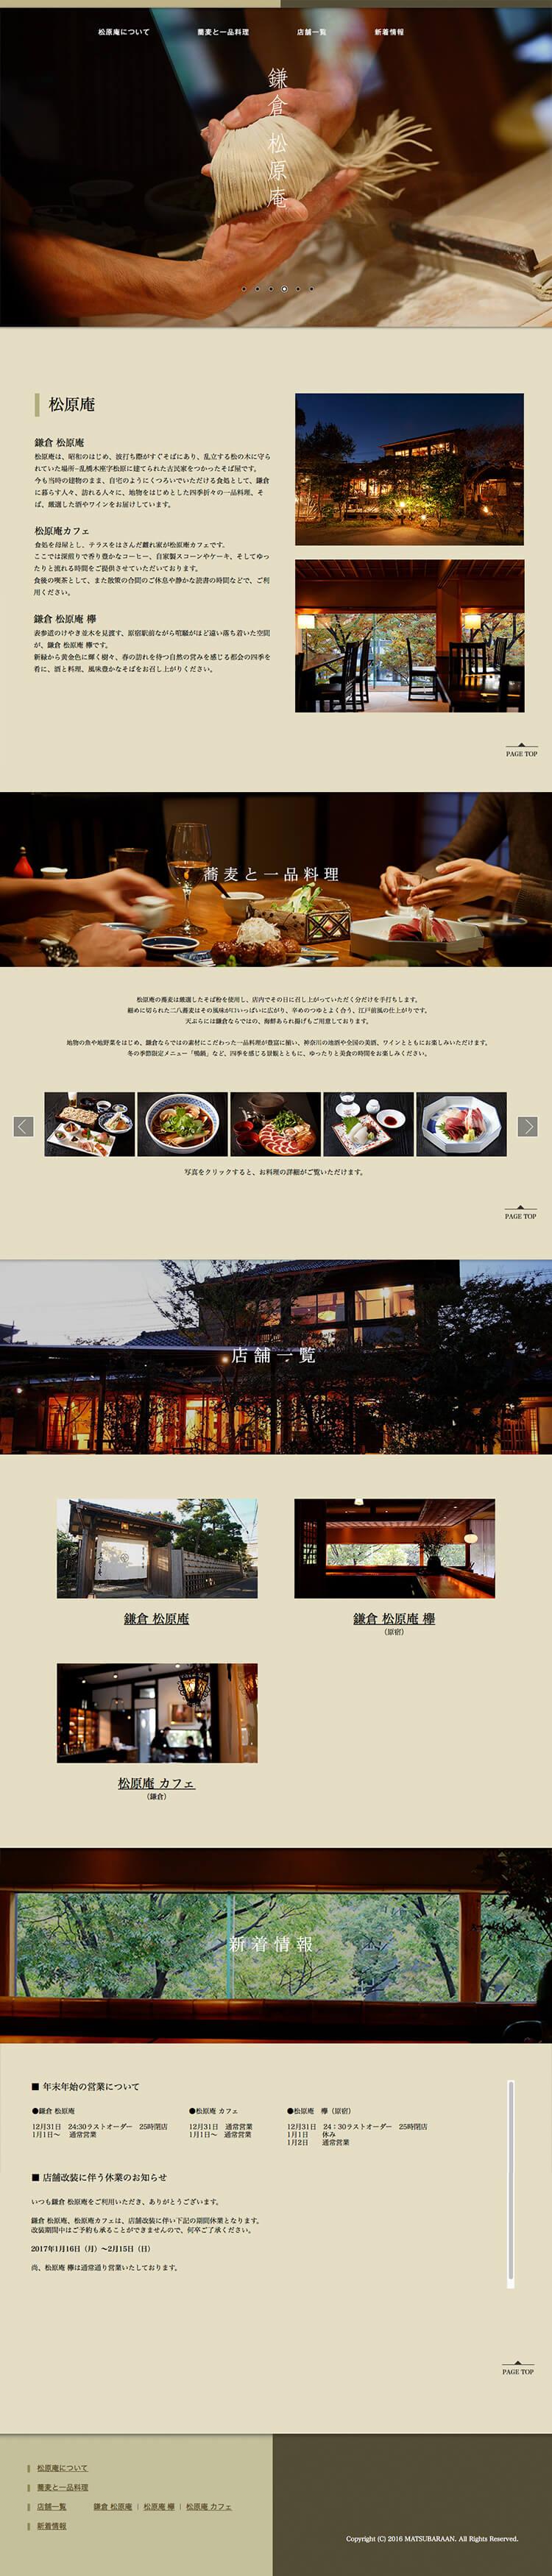 鎌倉 松原庵 WEB SITEのデザイン